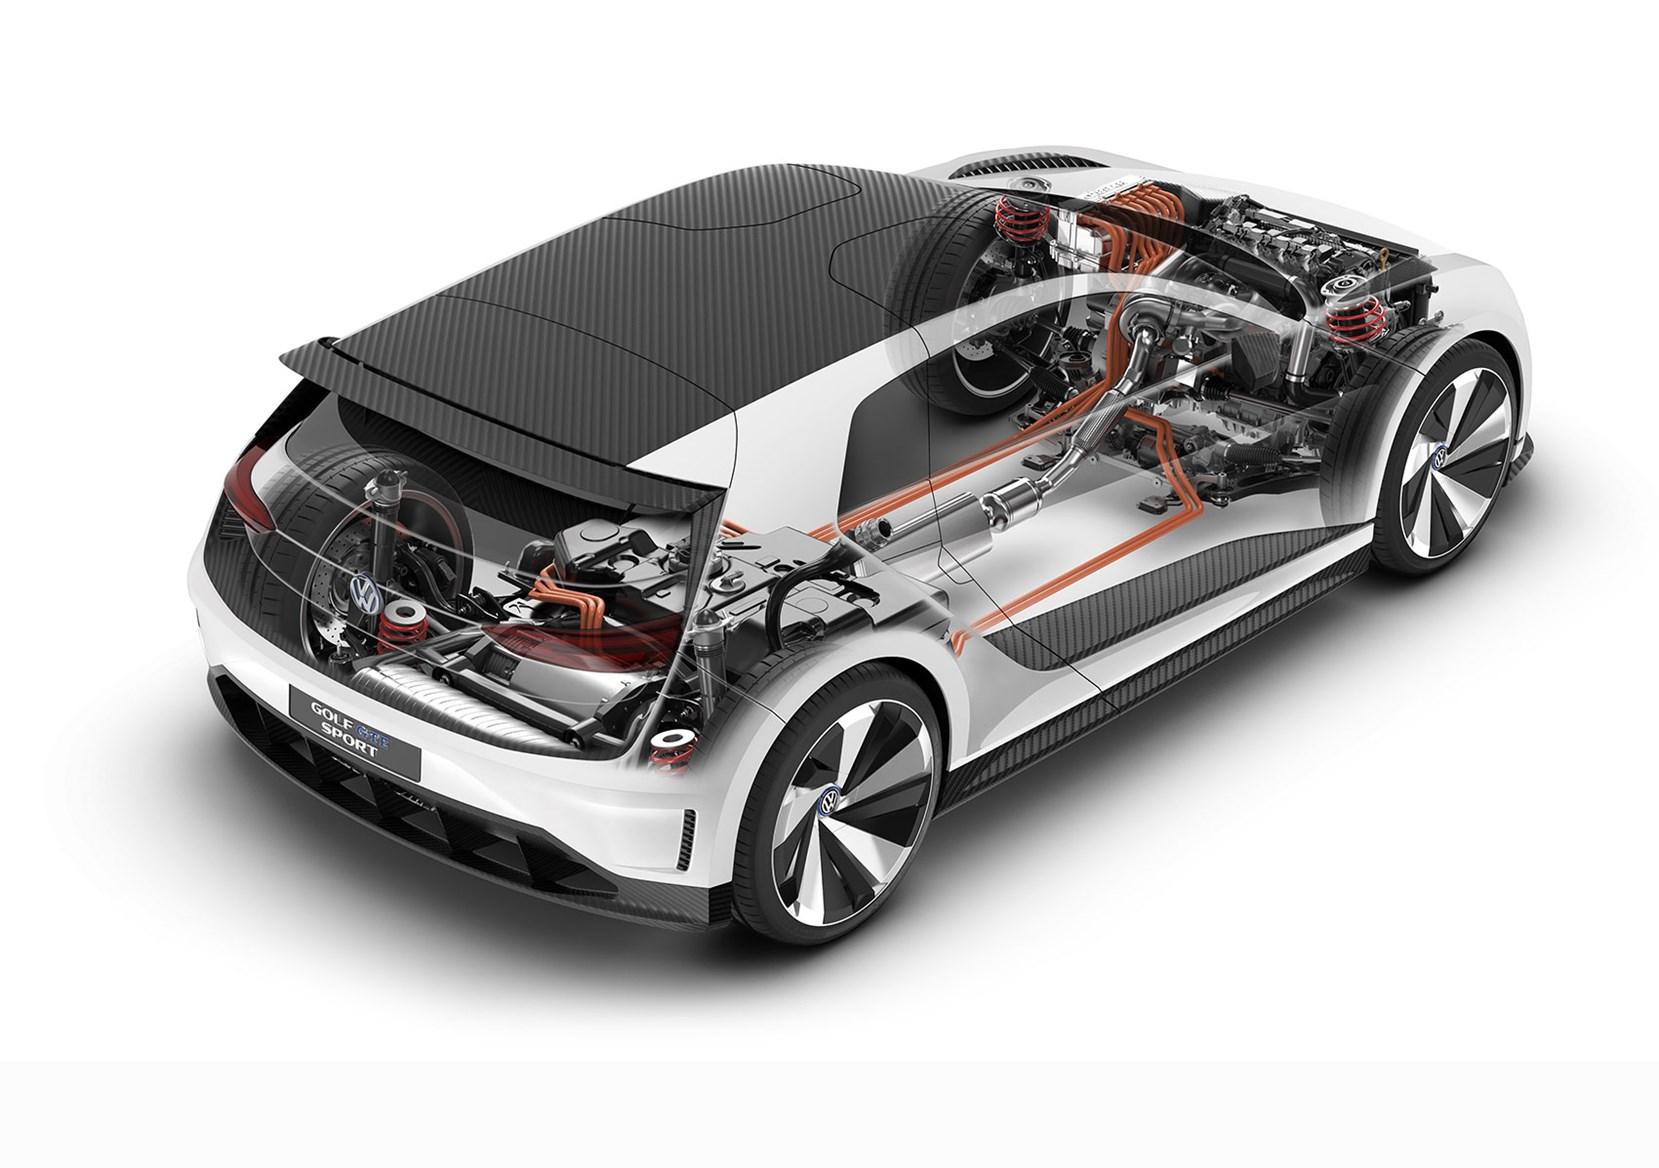 Gti Cabin The Hybrid Plug In Tech Underneath Golf Gte Sport